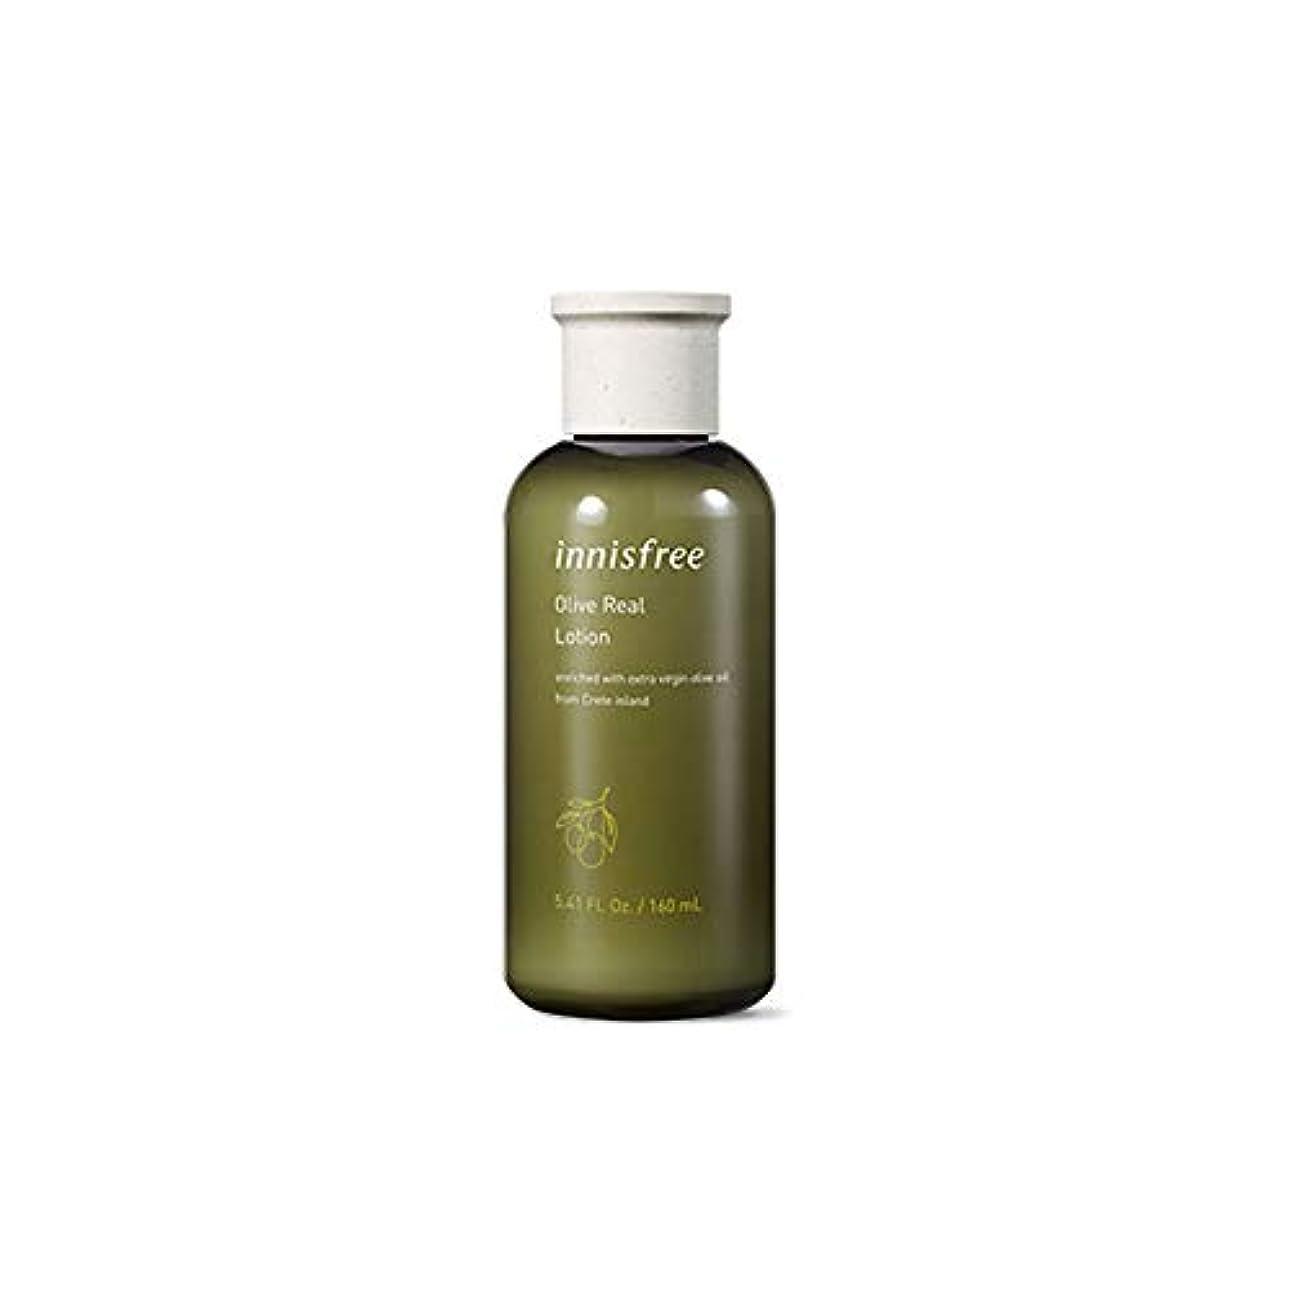 気になる回復する膨張するNEW[イニスフリー] Innisfree オリーブリアルローション乳液EX(160ml) Innisfree Olive Real Lotion(160ml)EX [海外直送品]